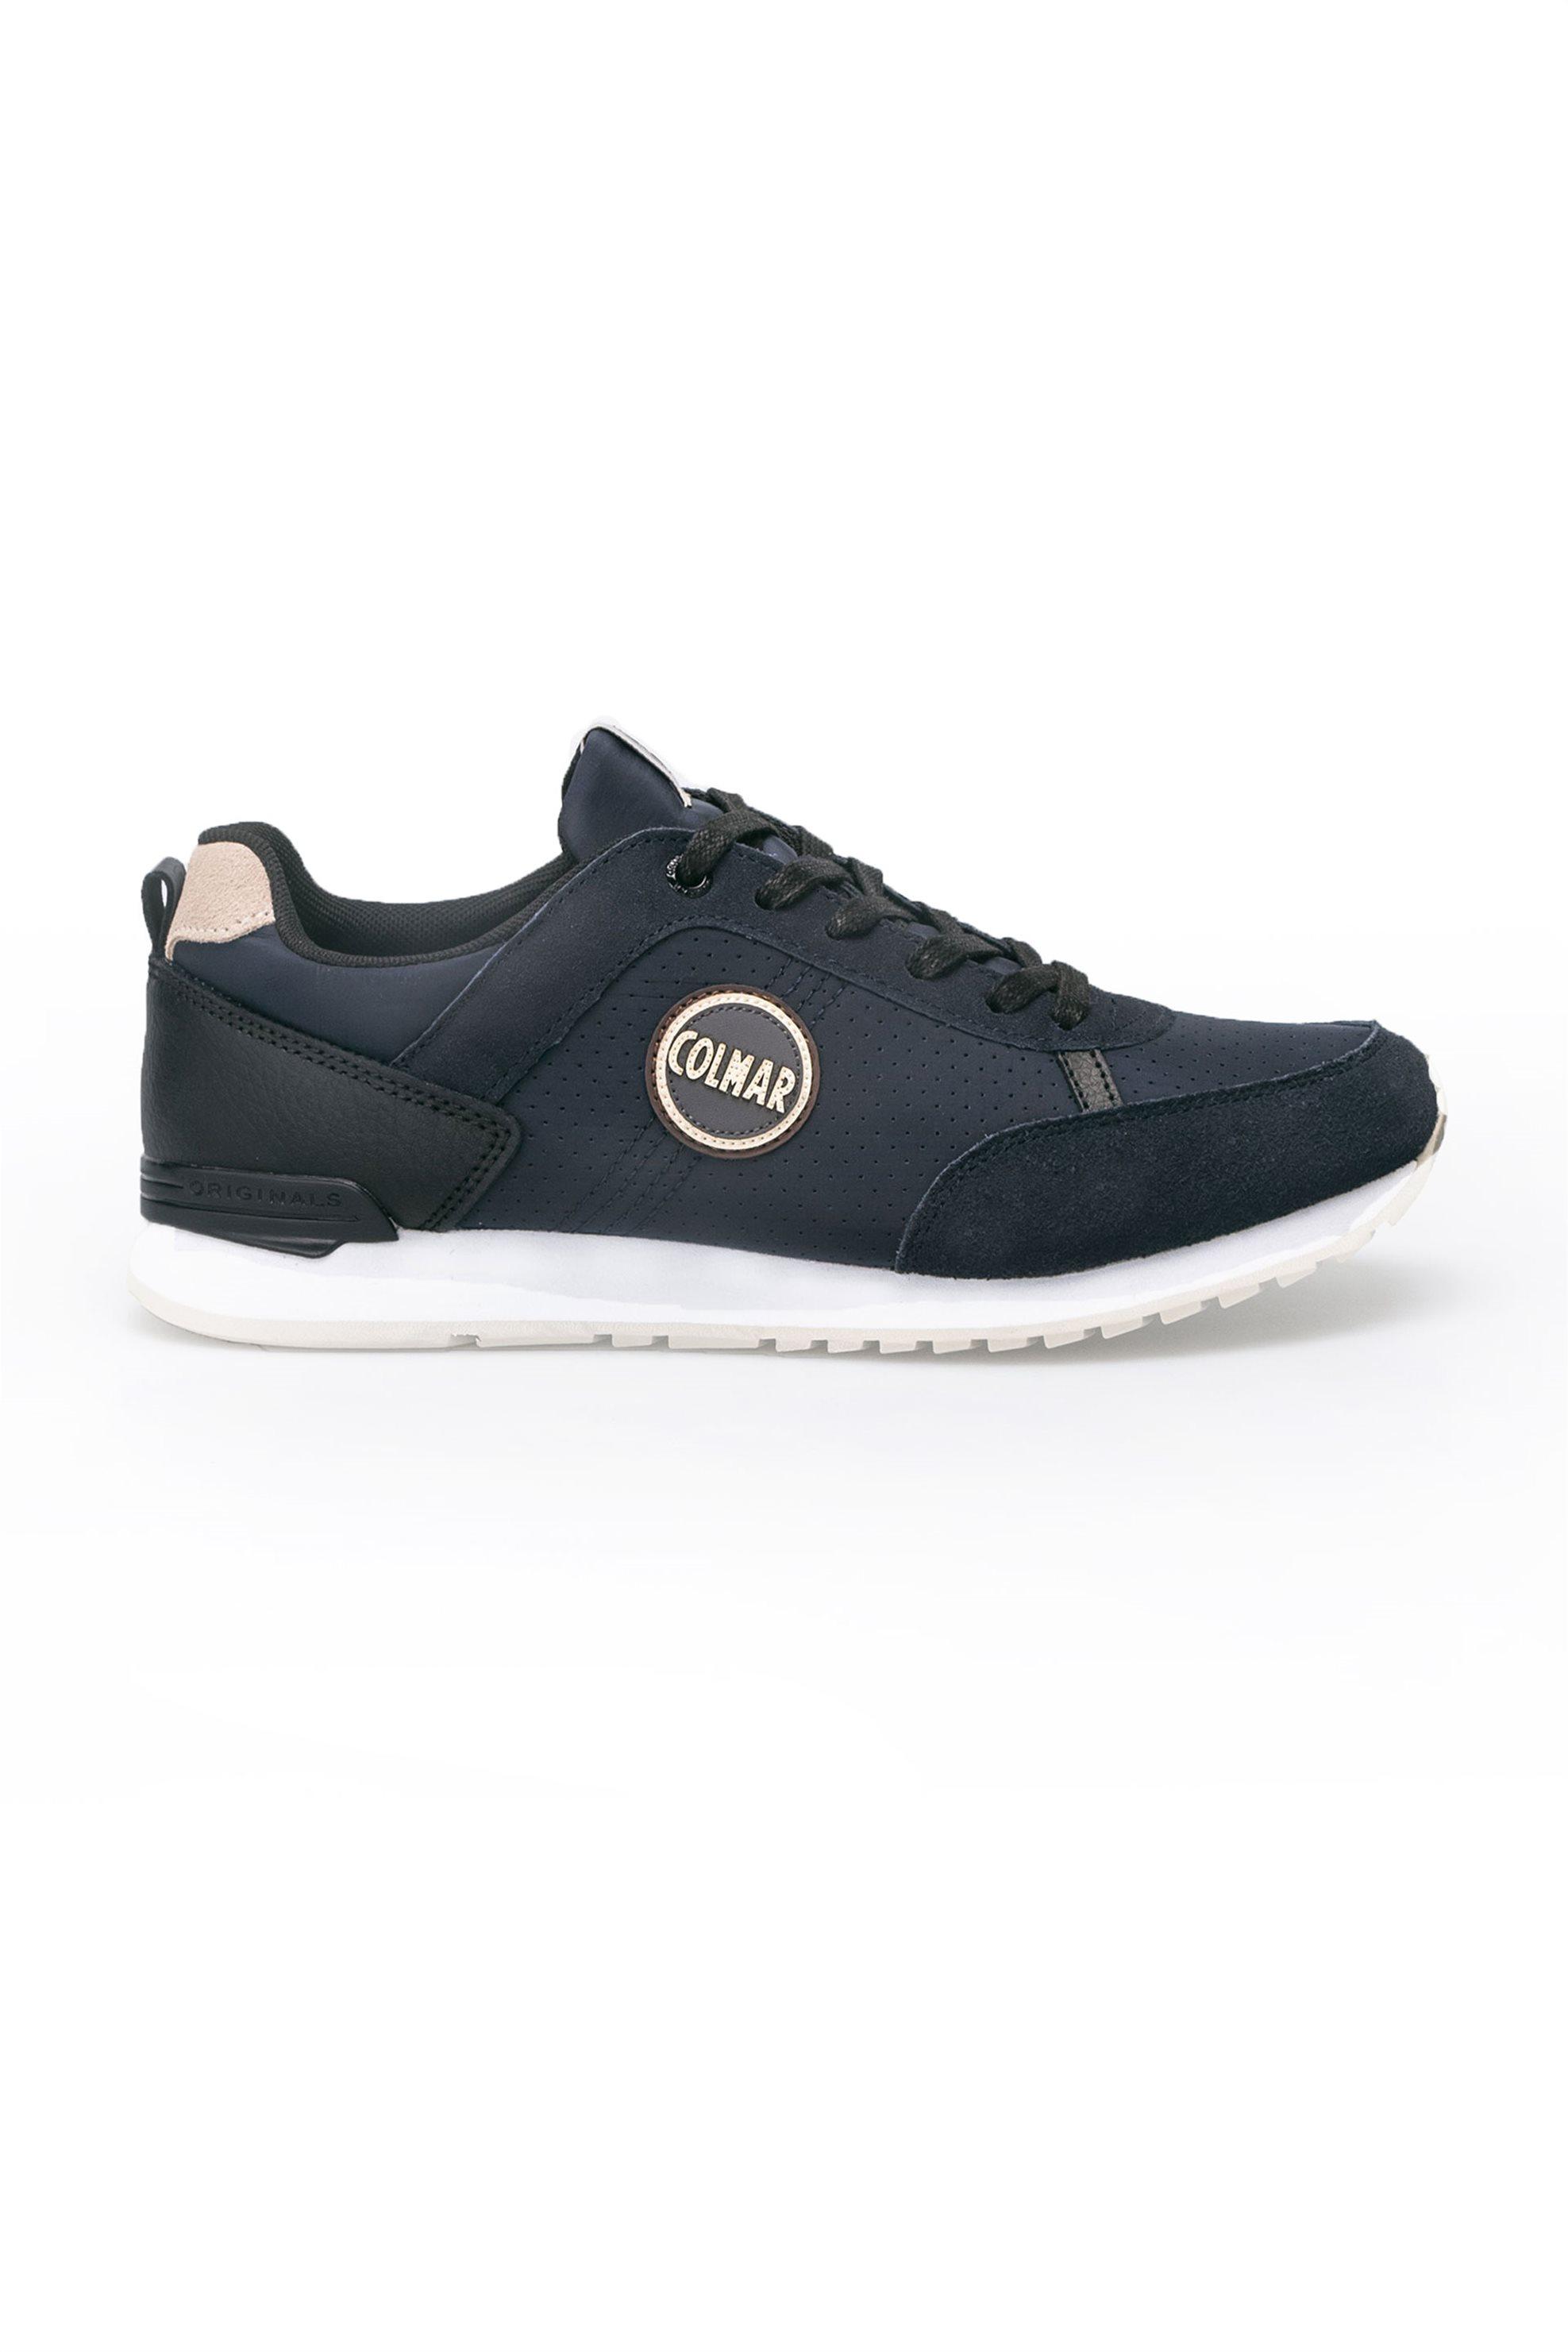 Ανδρικά παπούτσια Colmar – TRAVIS DRILL – Μπλε Σκούρο